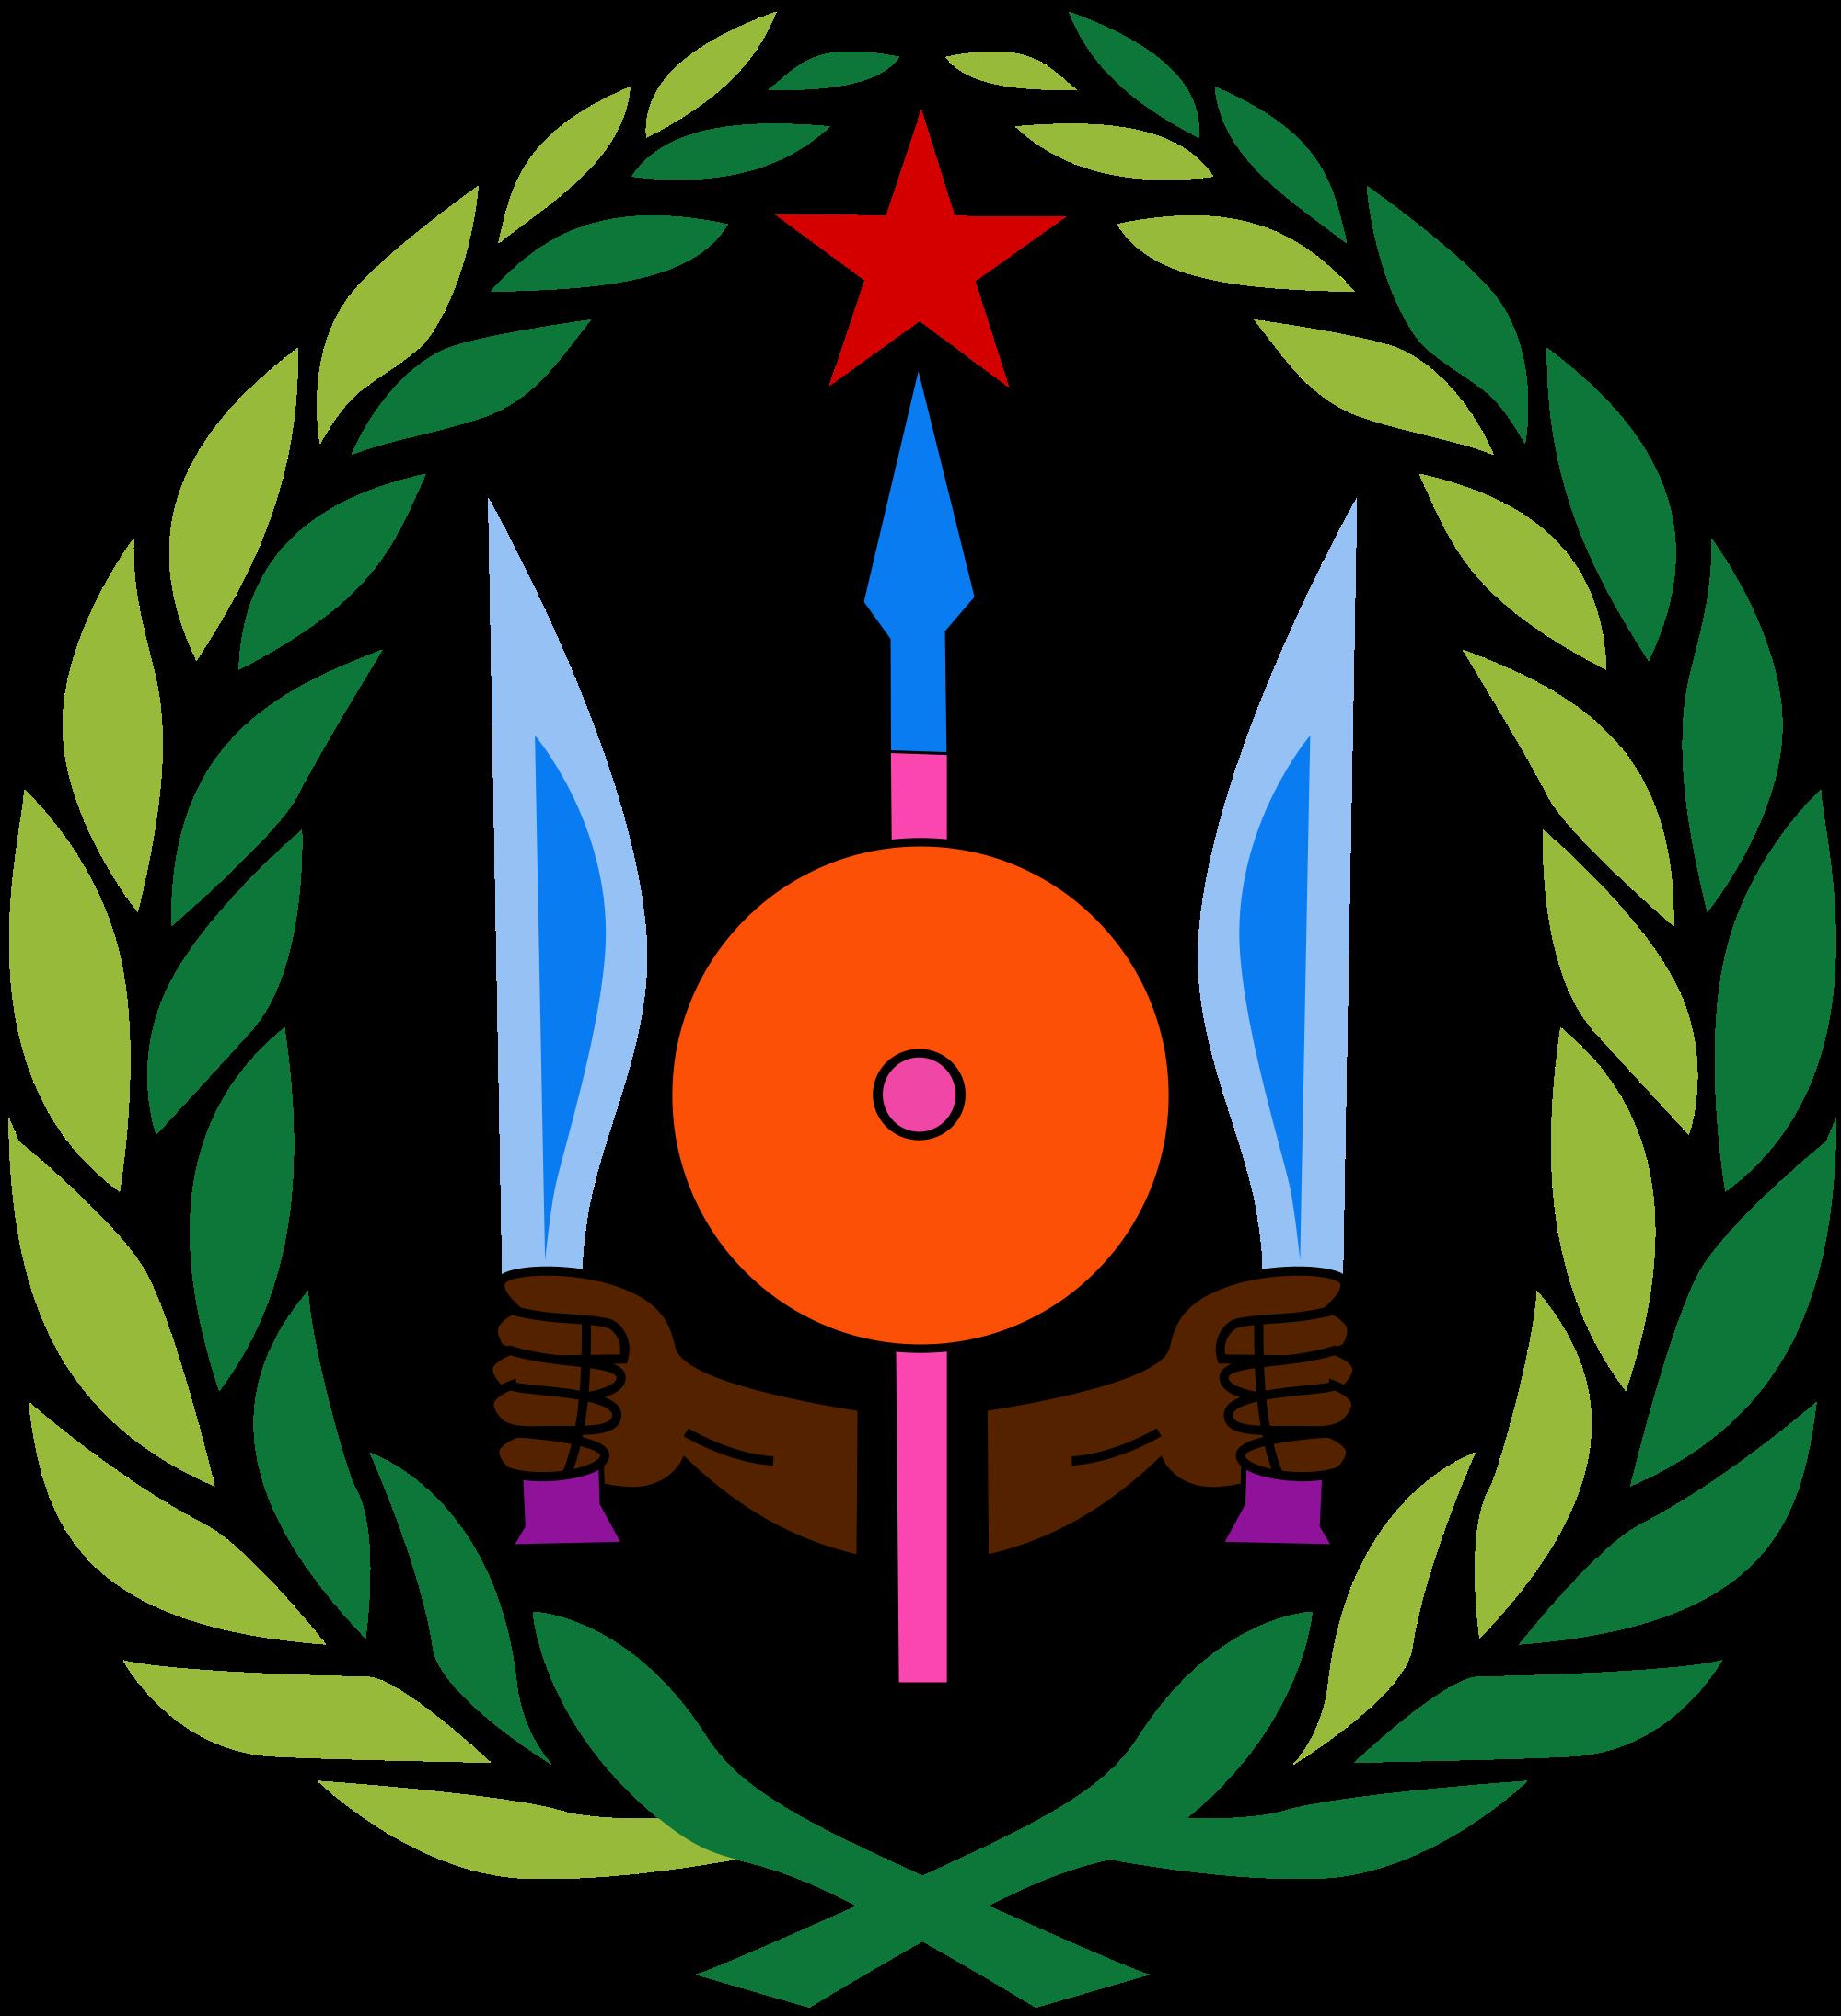 ジブチの国章:写真、意味、説明